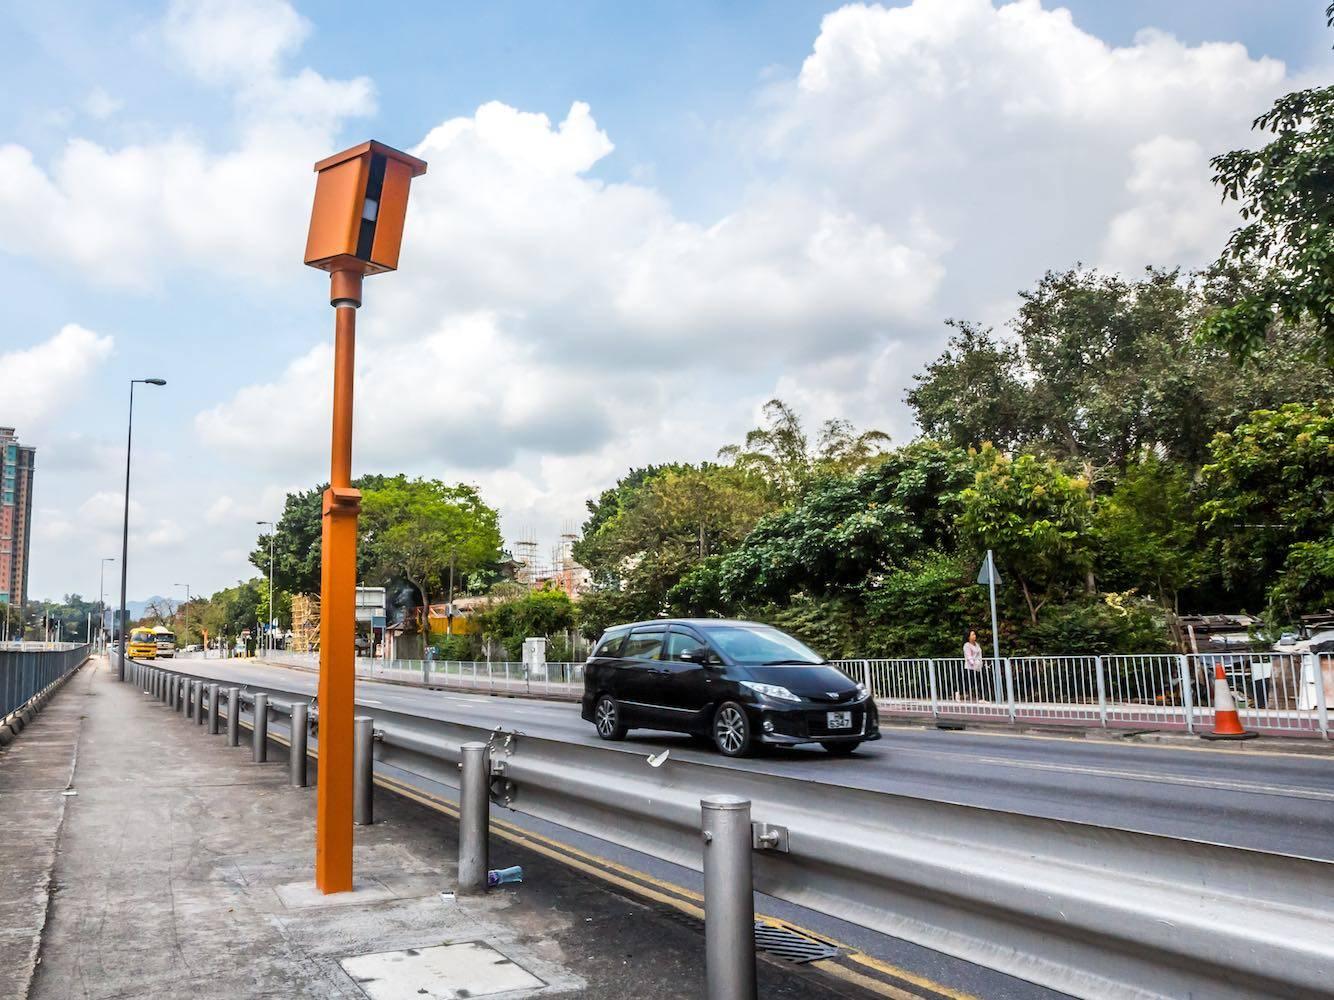 kibris sabit radar sistemi Kıbrısta Sabit Radarları Görmek Bilmek   Kameralara Dikkat